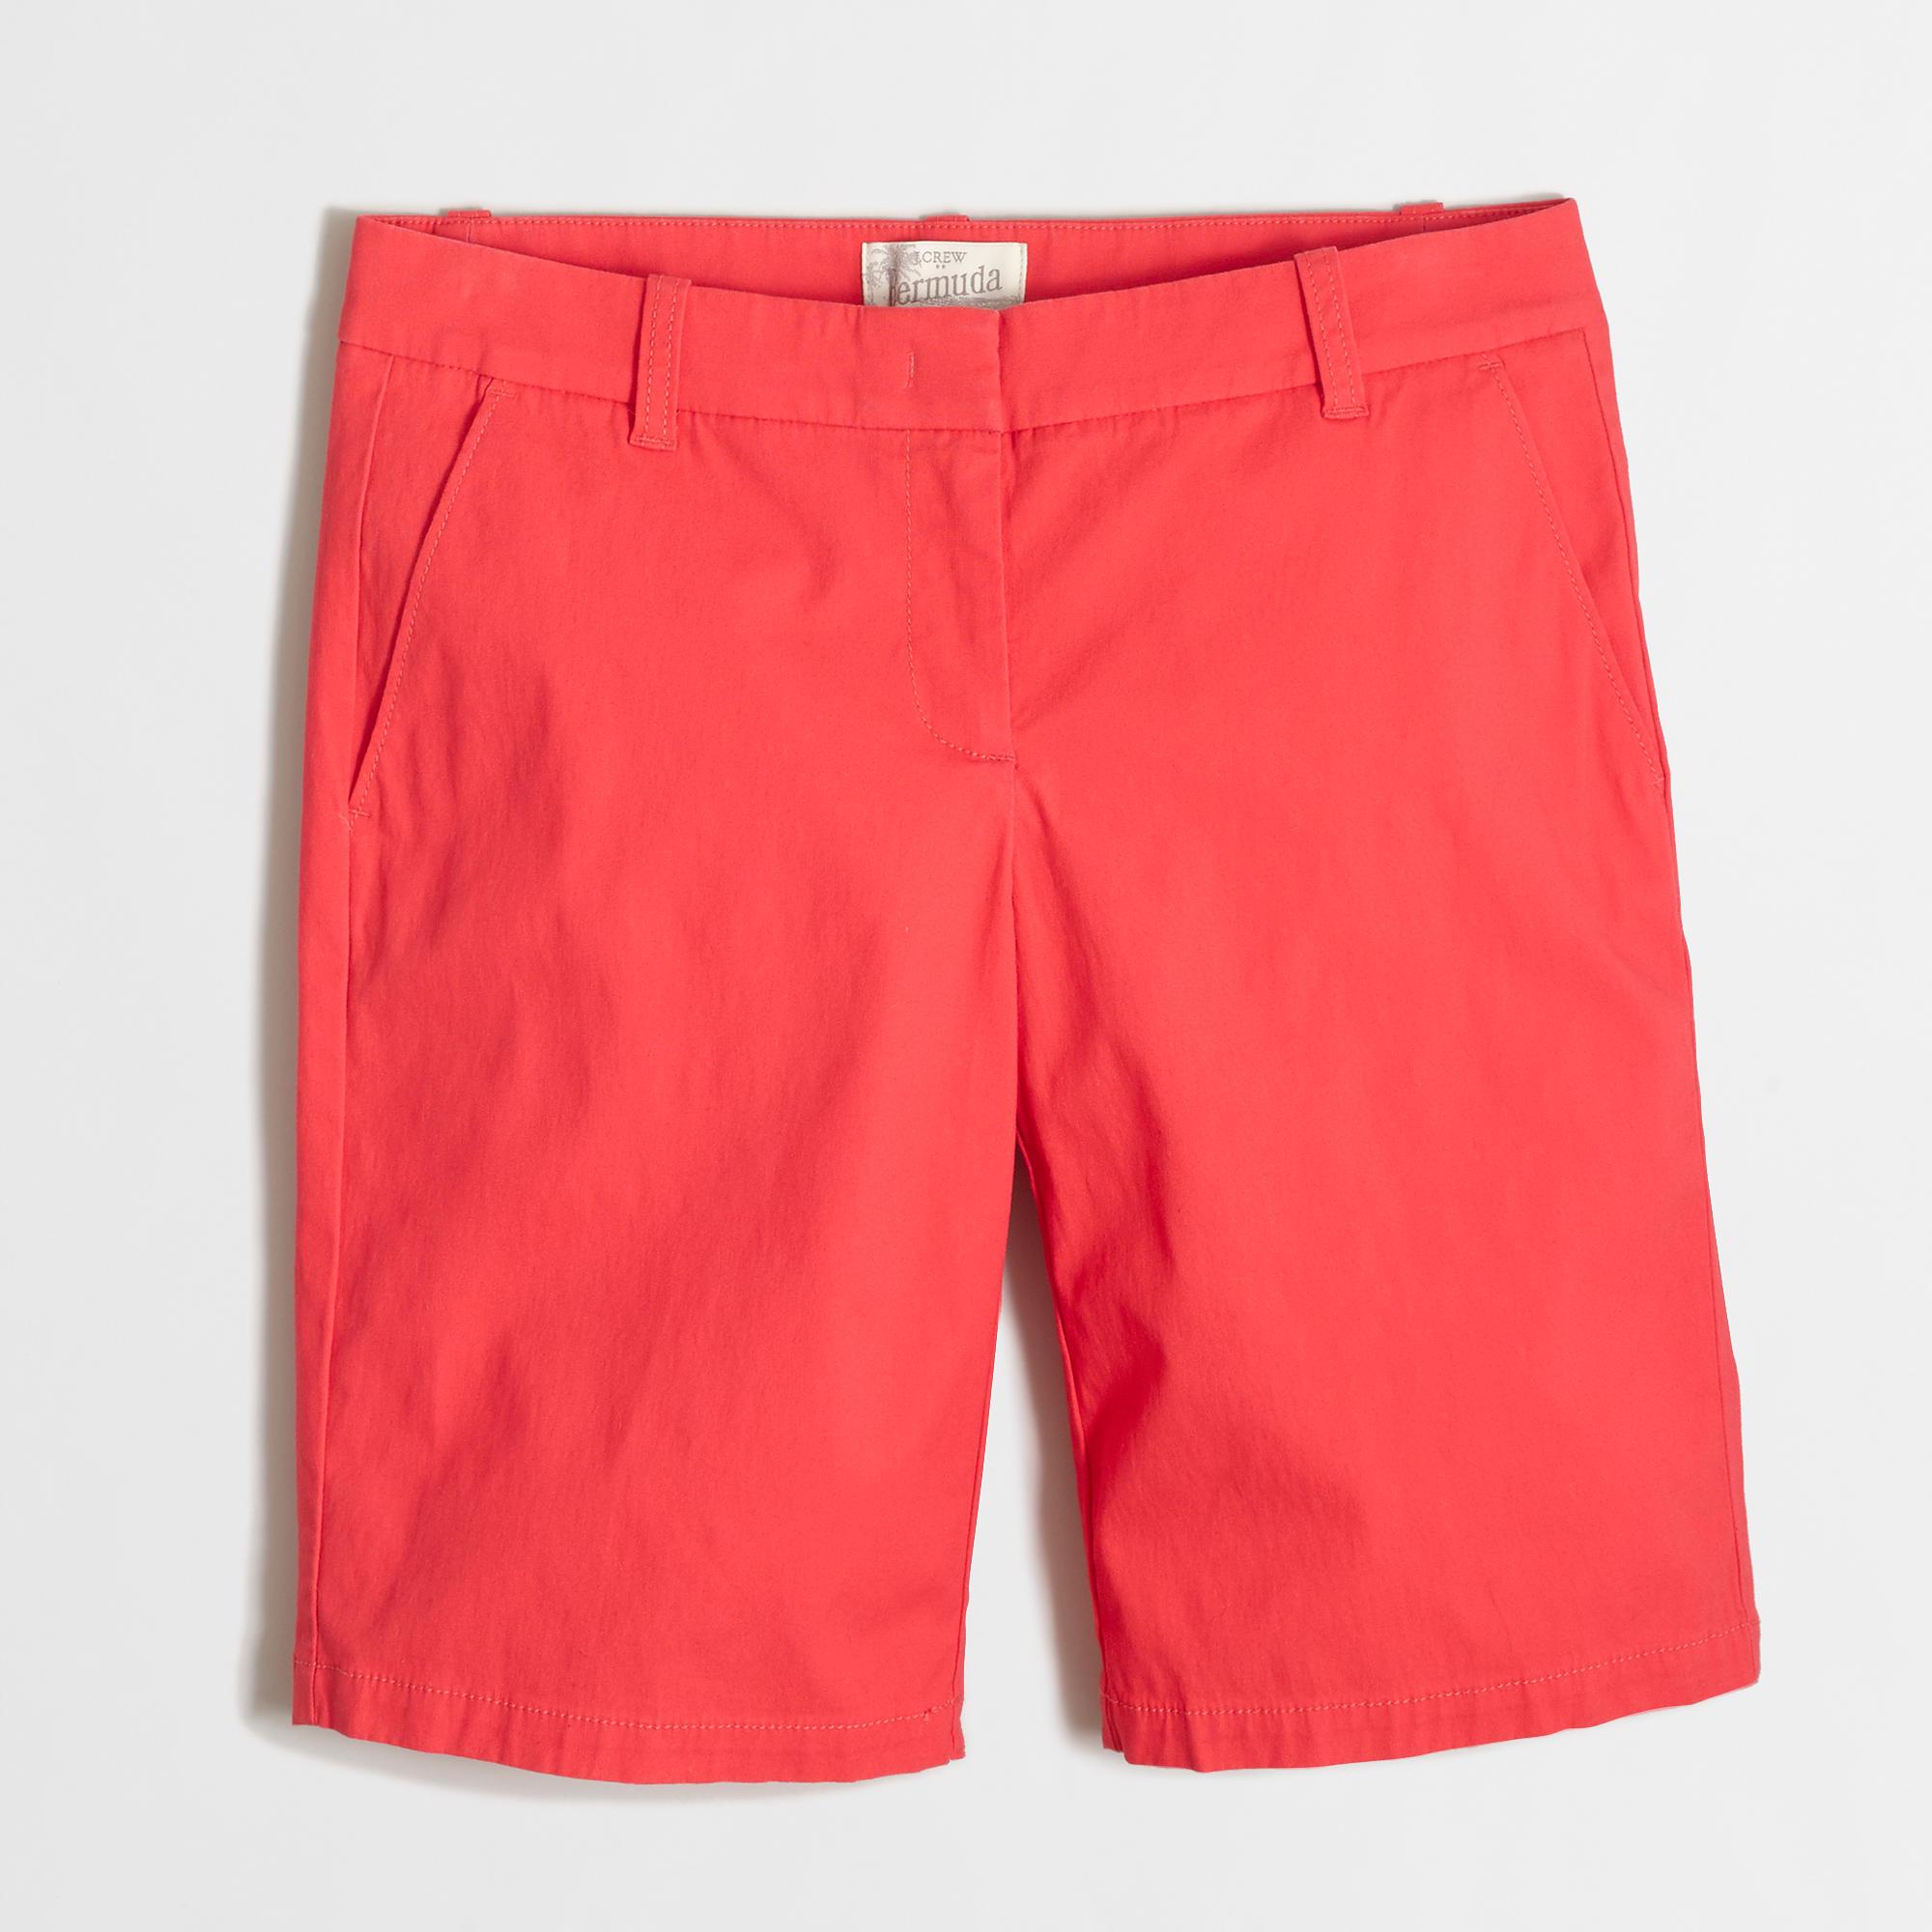 10 bermuda short women 39 s shorts j crew factory for Women s fishing shorts